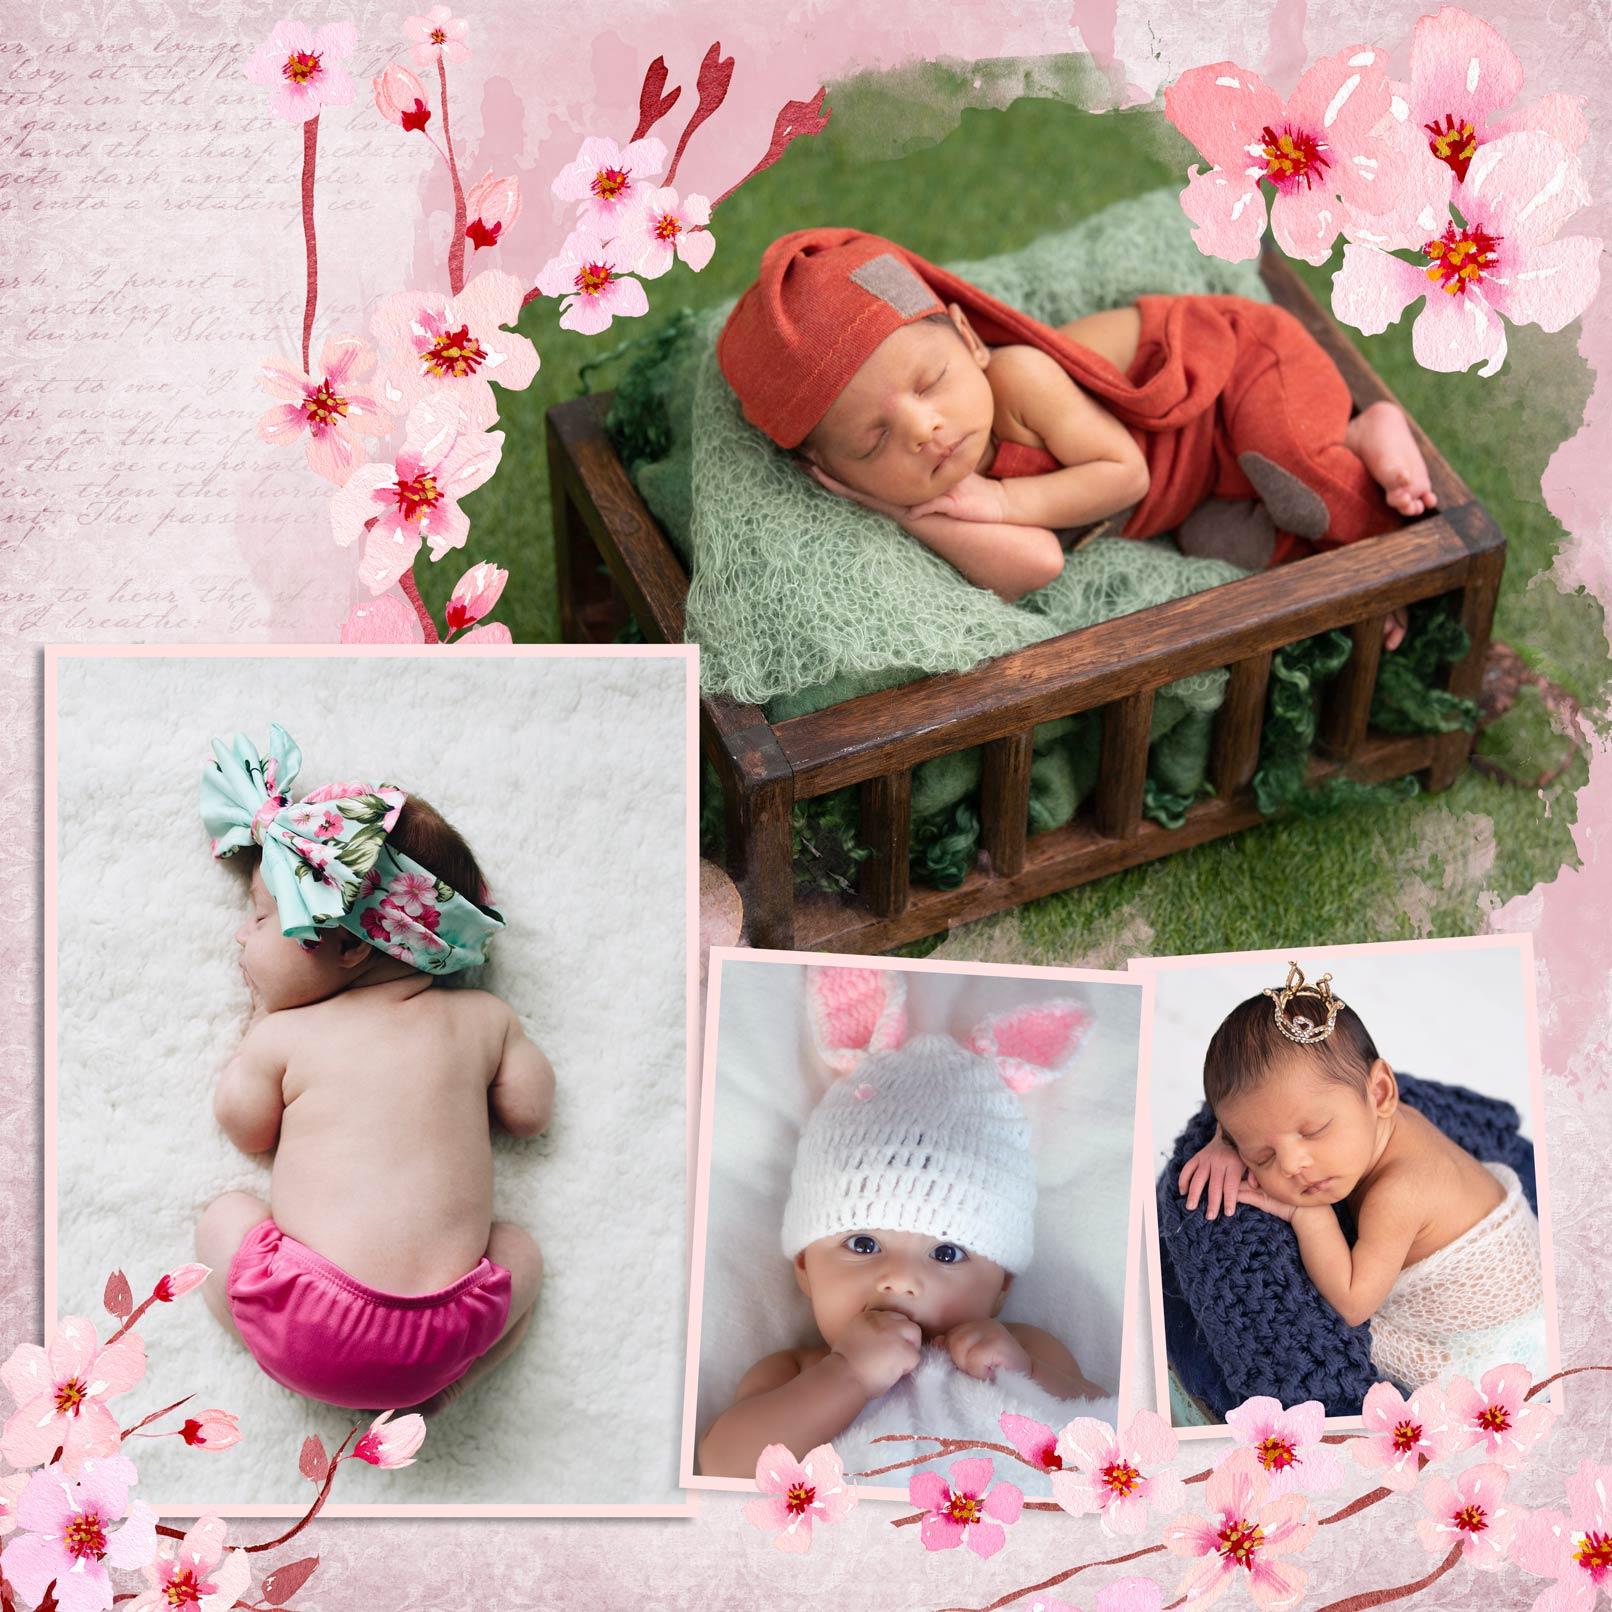 Charming Flowers: Bilderrahmen mit Blumen für Fotocollagen in Photoshop und Co.